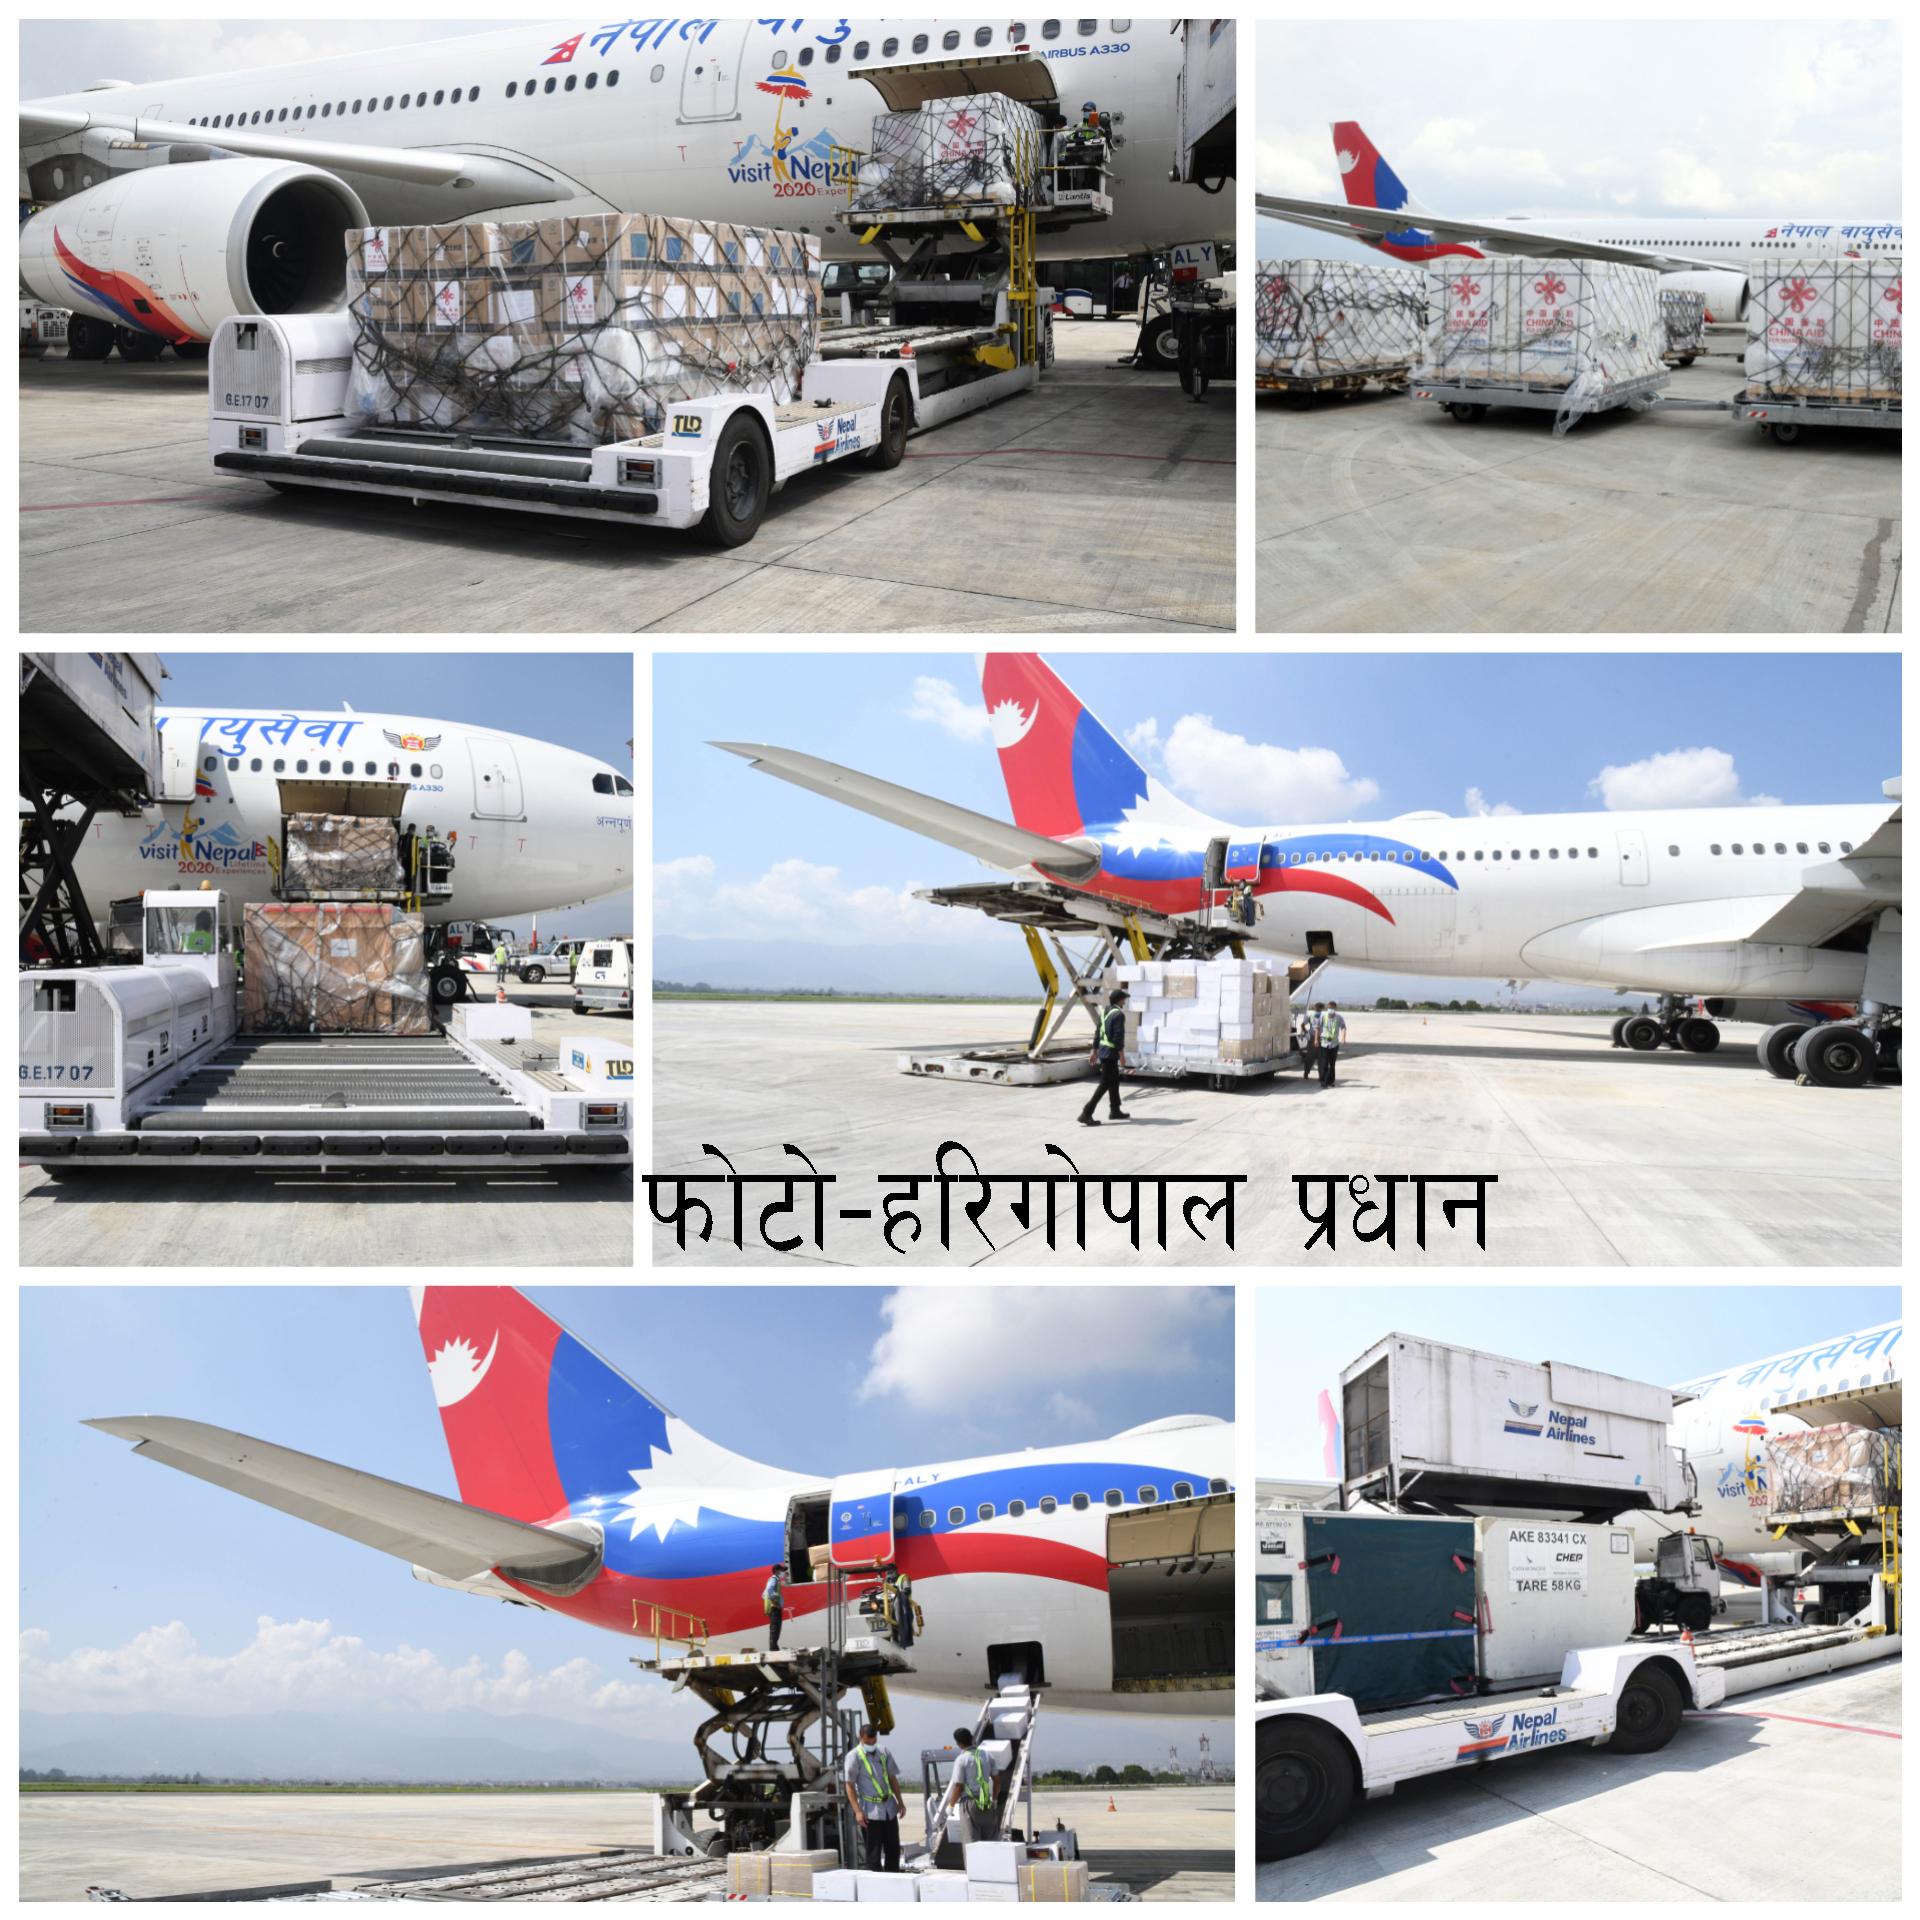 नेपाल वायुसेवा निगमको विमानले चीनबाट कोरानाको खोप, भ्याक्सीन र अन्य औषधीजन्य सामानहरु आज नेपालमा ल्याइएको छ ।